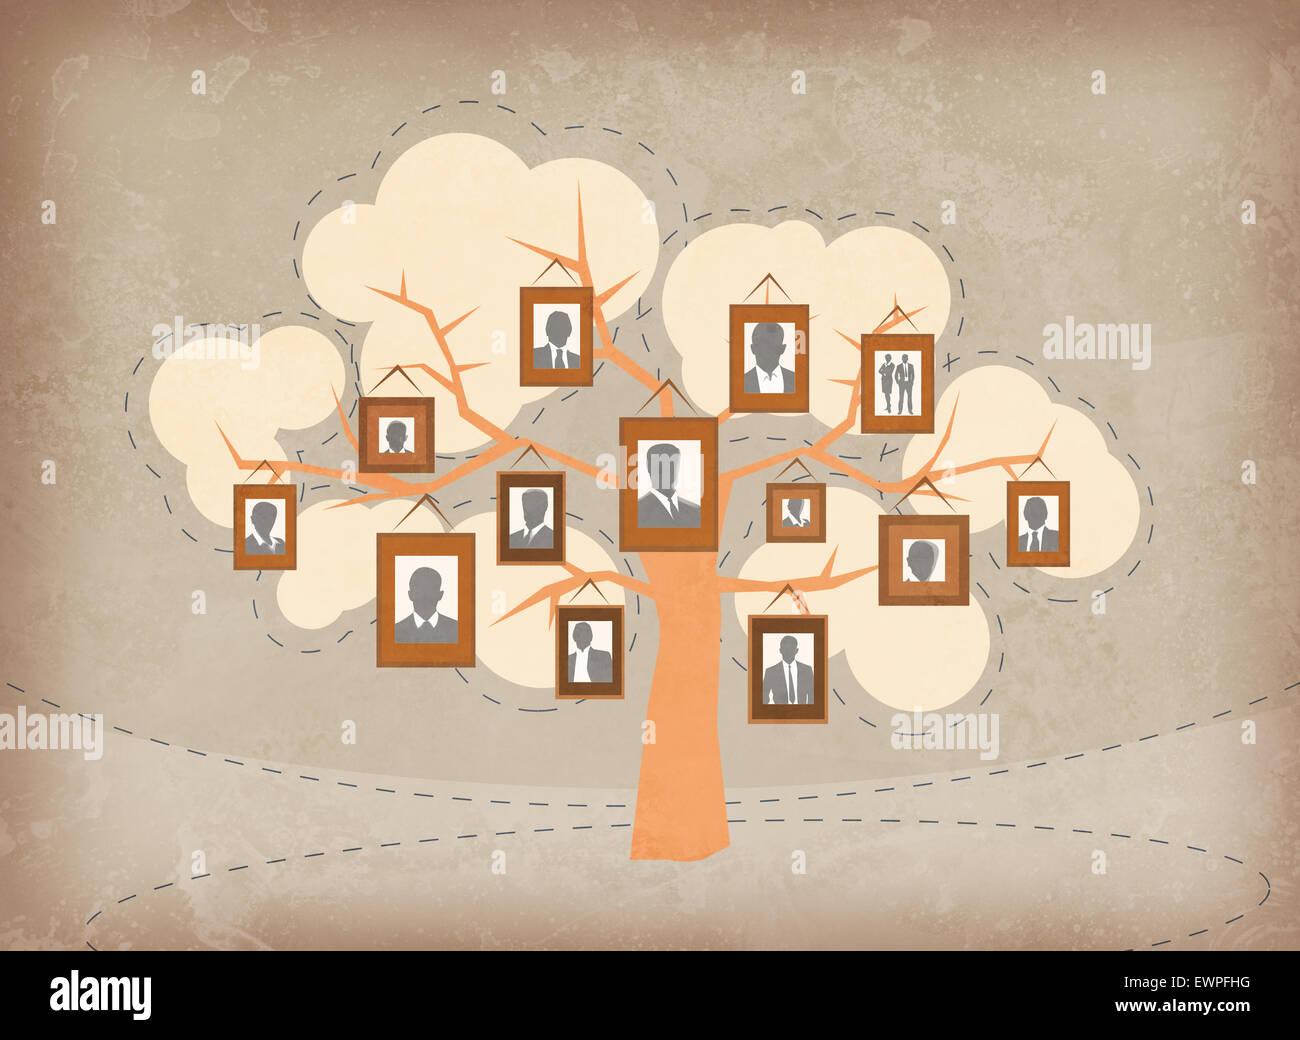 Anschauliches Bild von Geschäftsleuten an Ästen aus Wachstum und Teamarbeit befestigt Stockbild